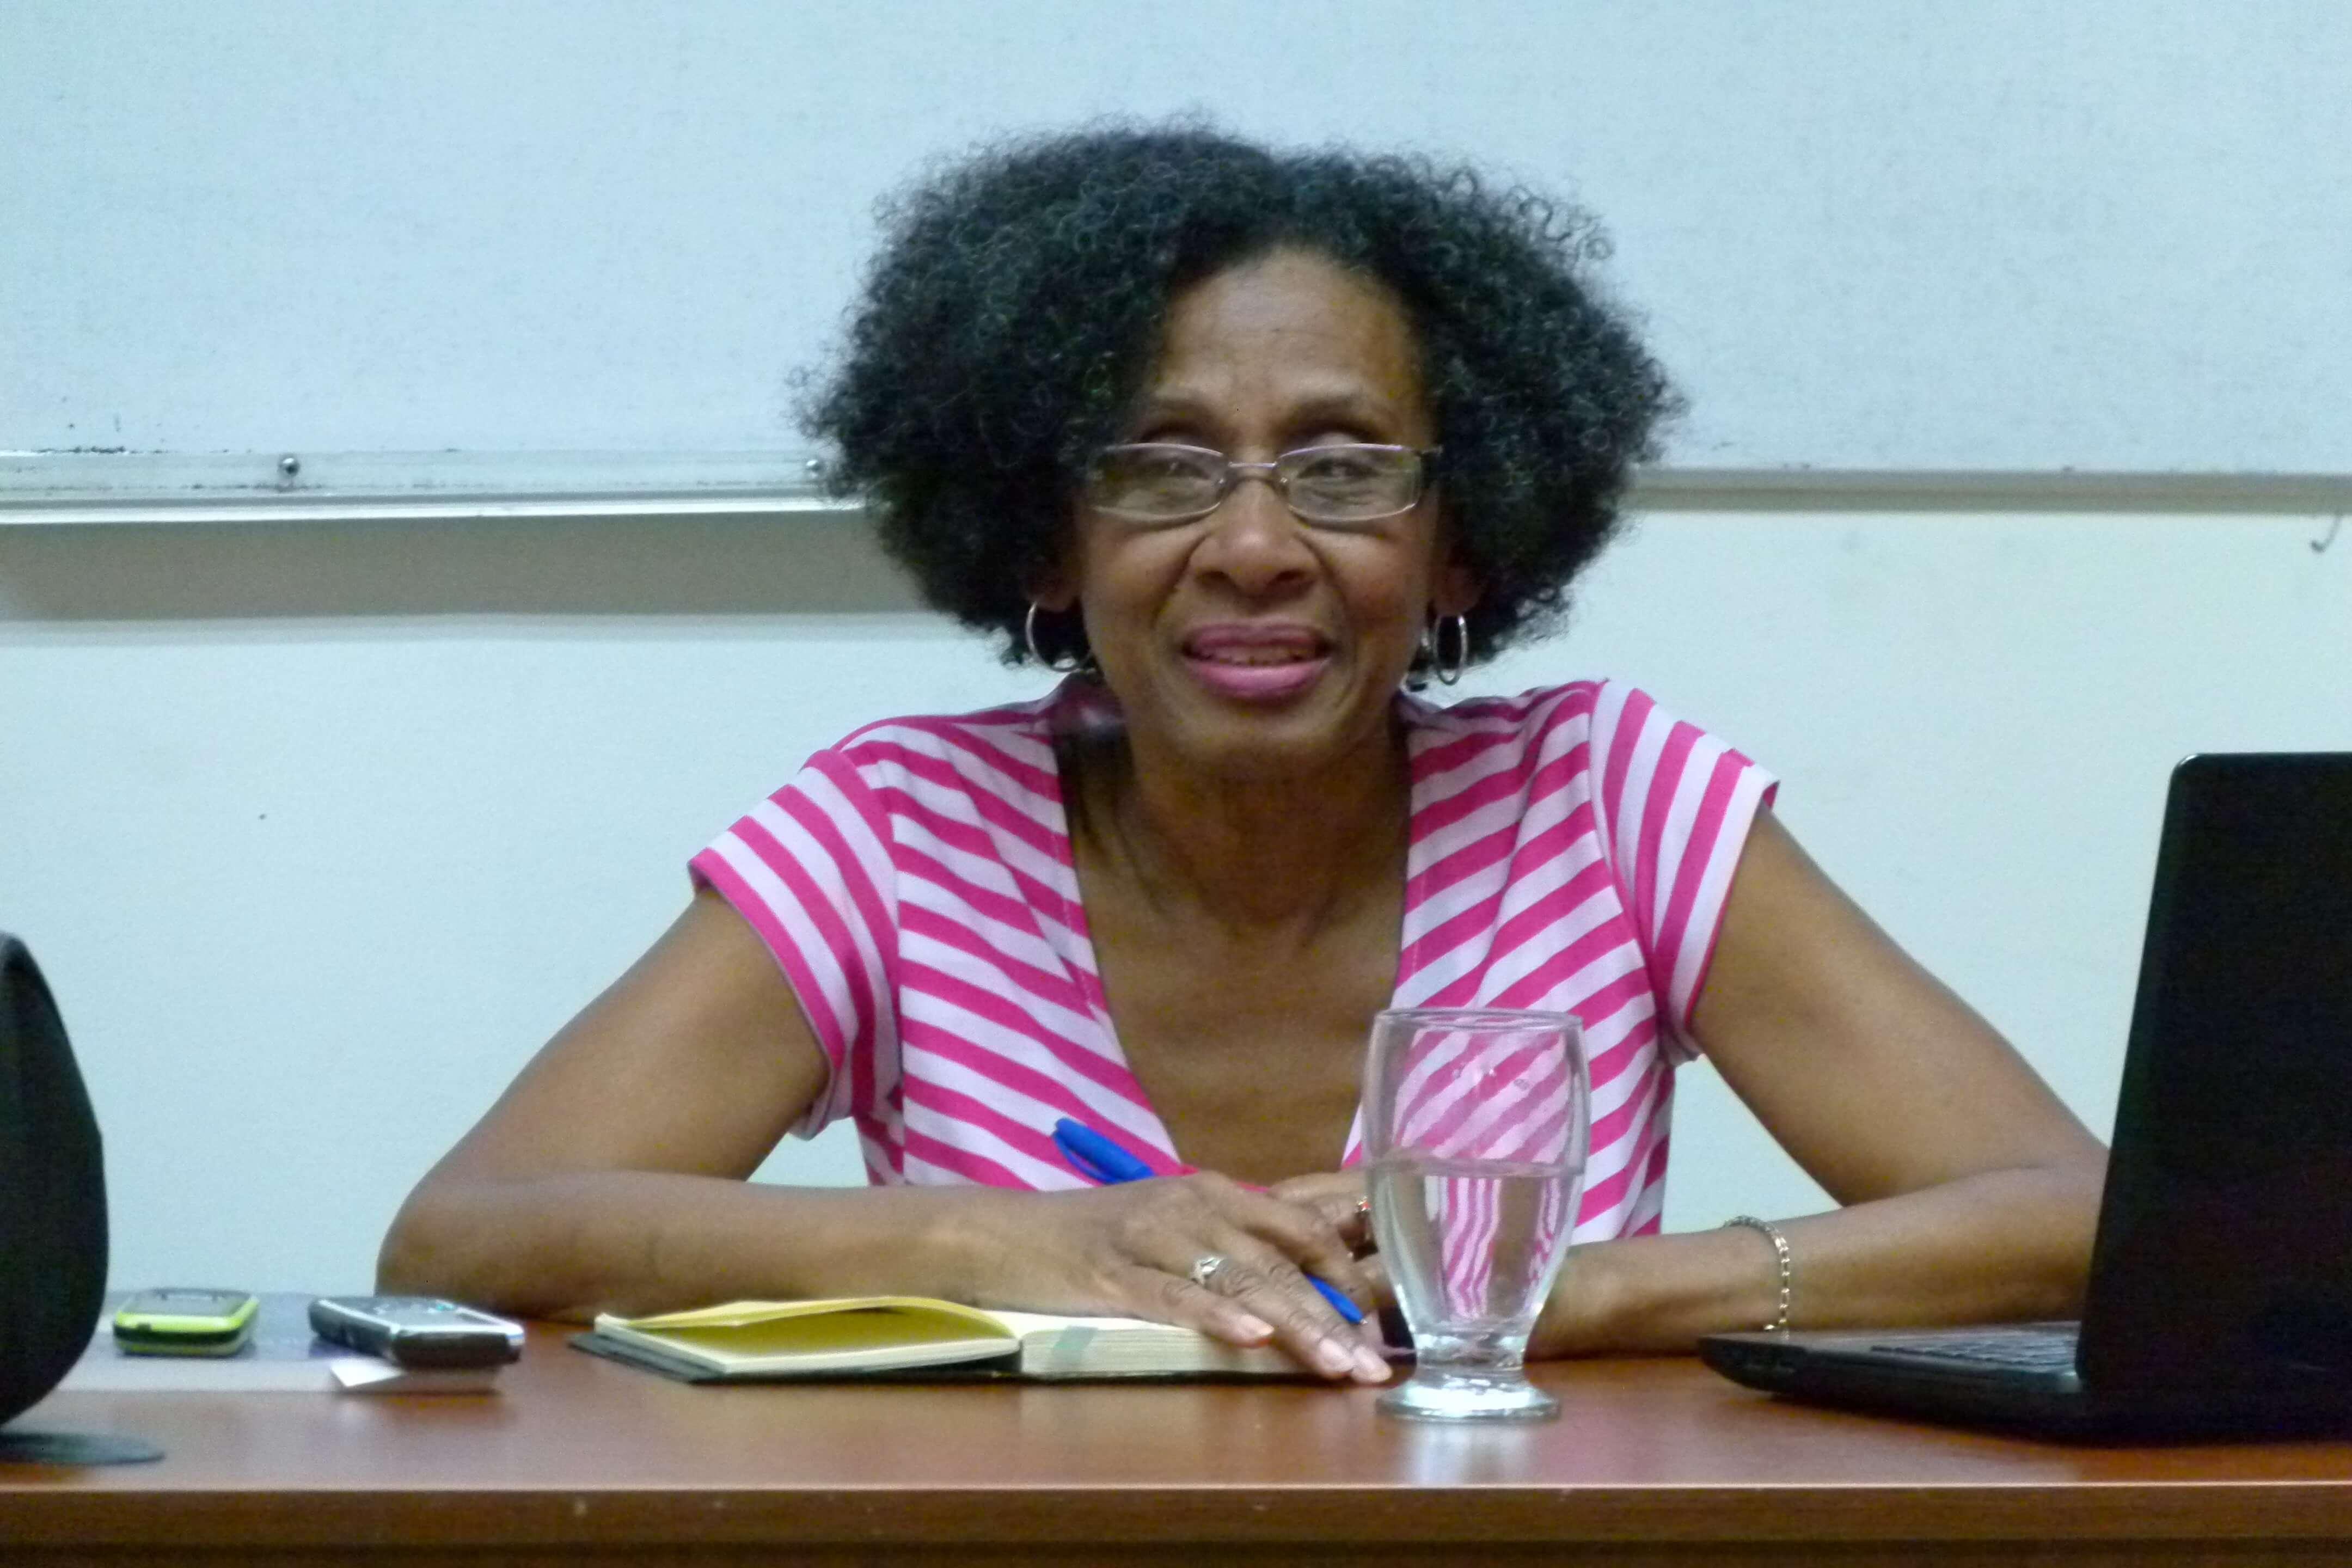 Profesora e Investigadora Casimira Monasterio en su ponencia sobre la Sociedad Secreta Abakuá de Cuba